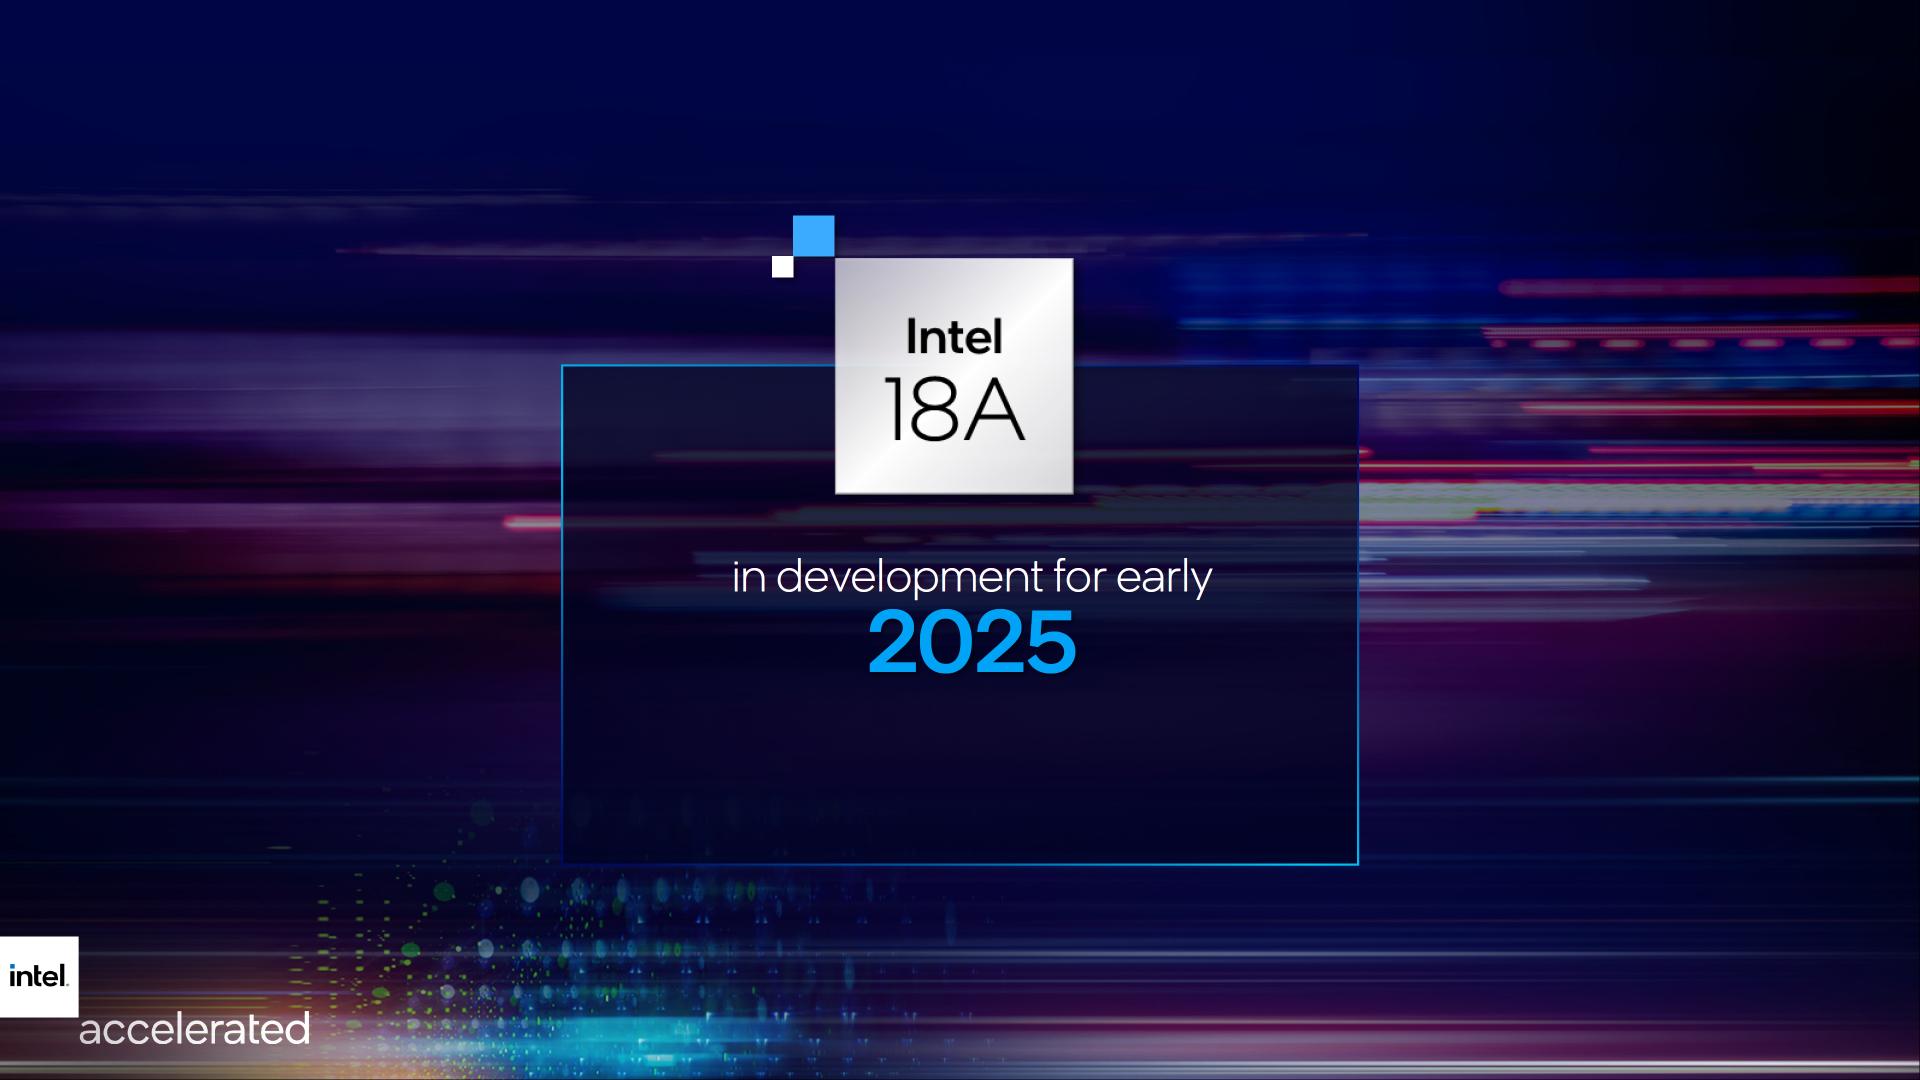 El Pentágono apuesta por el futuro de Intel al otorgar un contrato de fabricación de chips avanzada